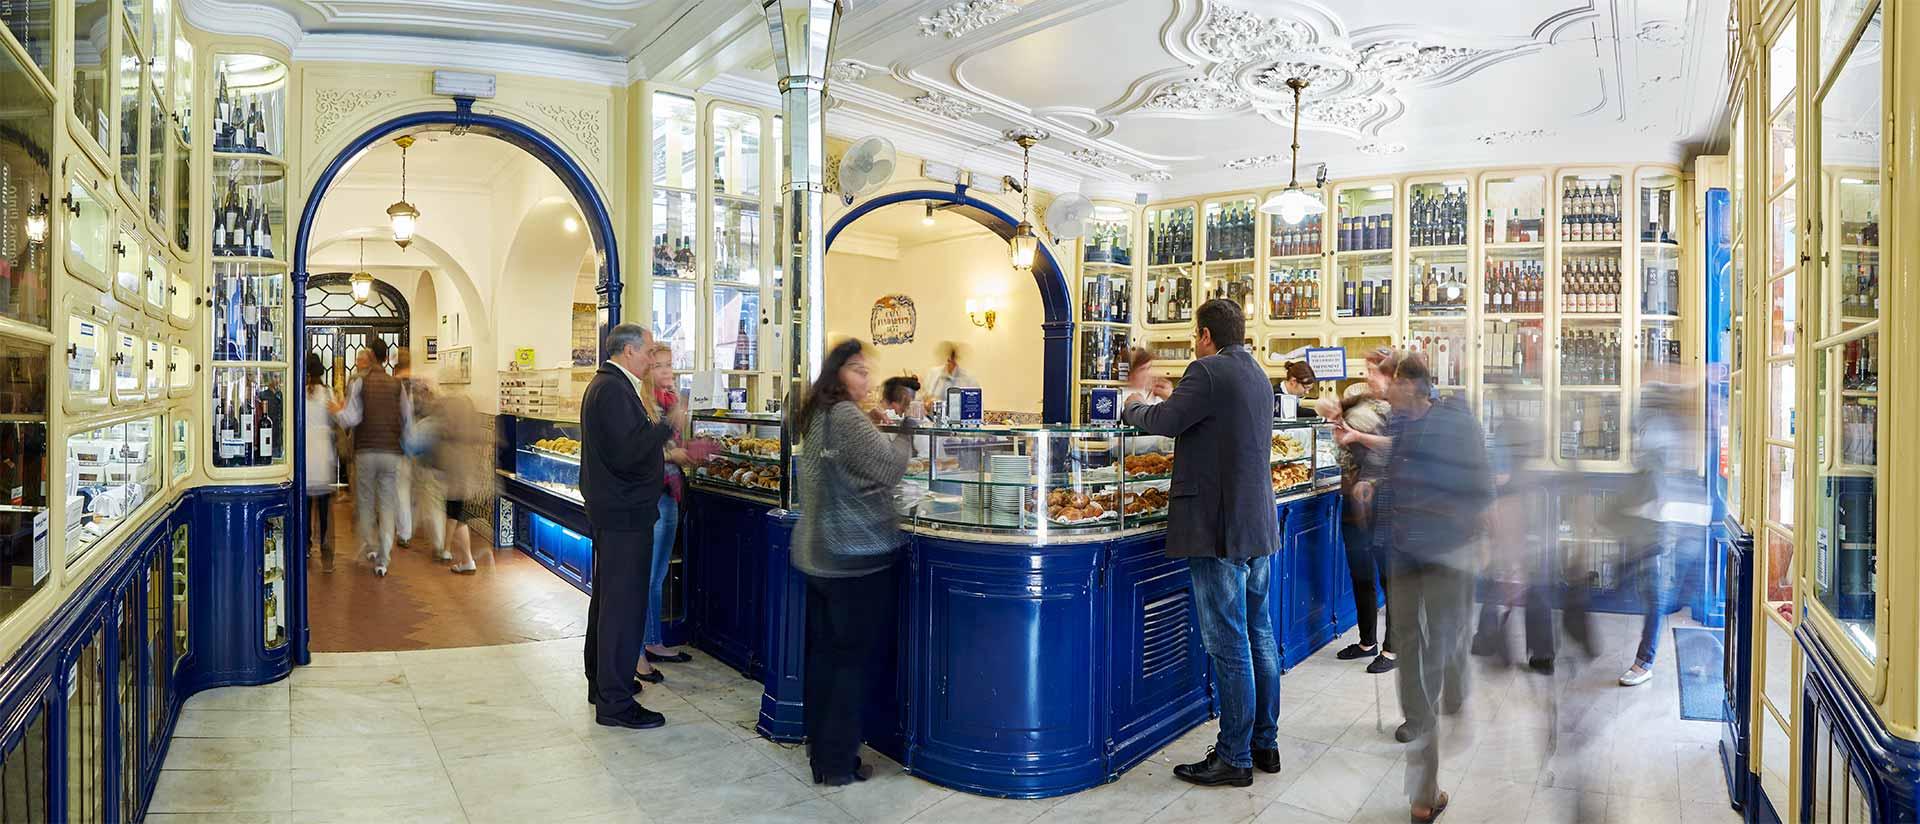 Meilleures adresse à Lisbonne - Les Pasteis de Belem